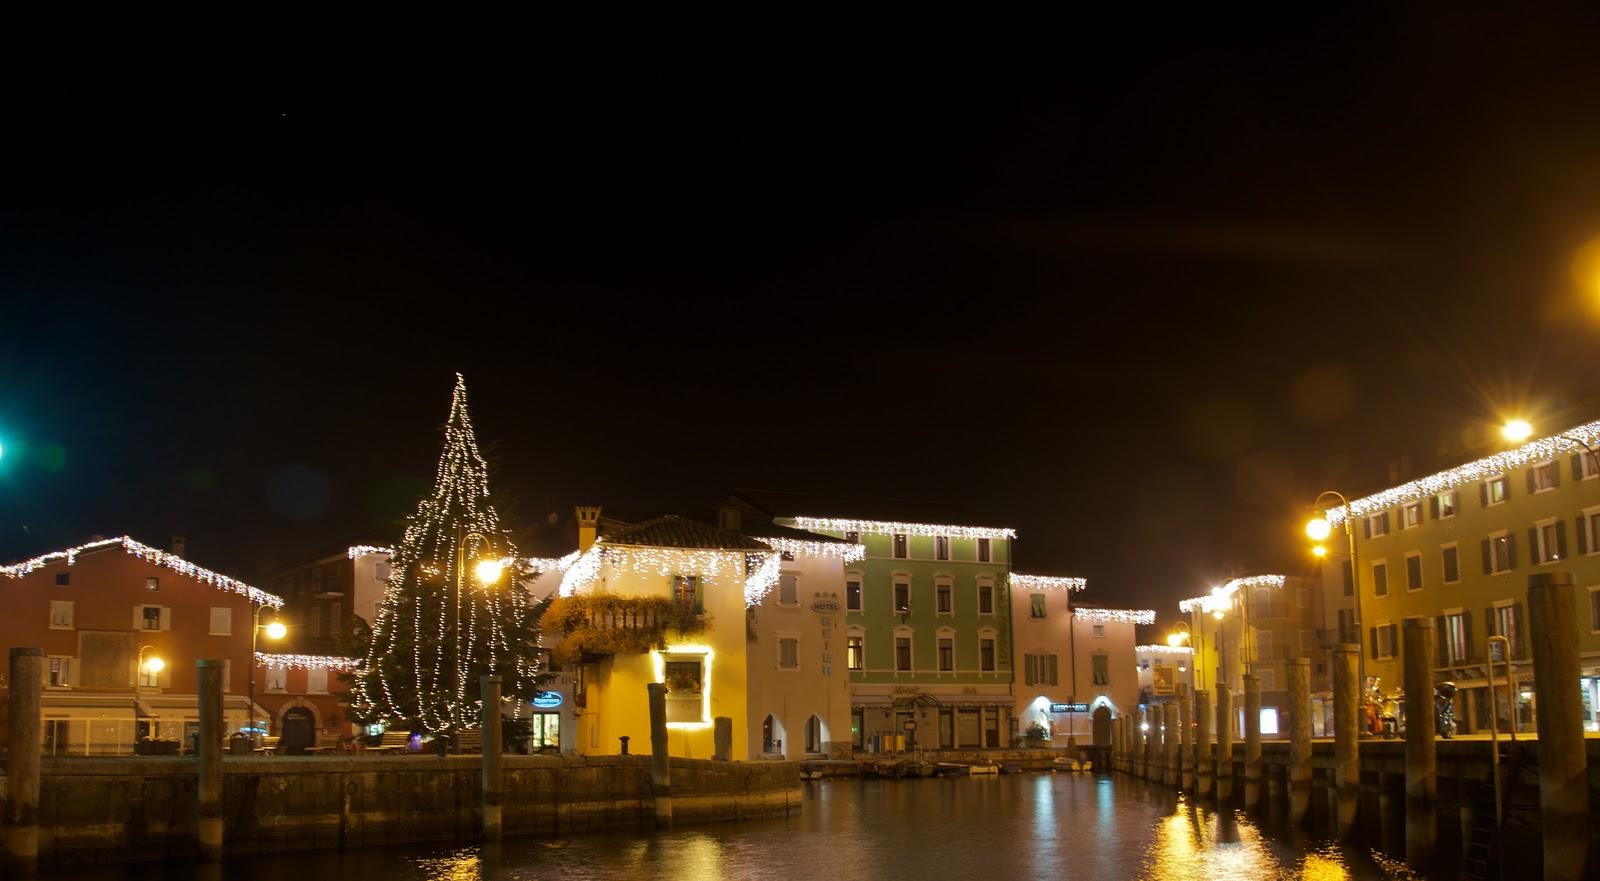 Garda Natale - Programma aggiornato - Mercatini di Natale - Castello di Tenno e gli Ulivi del Garda